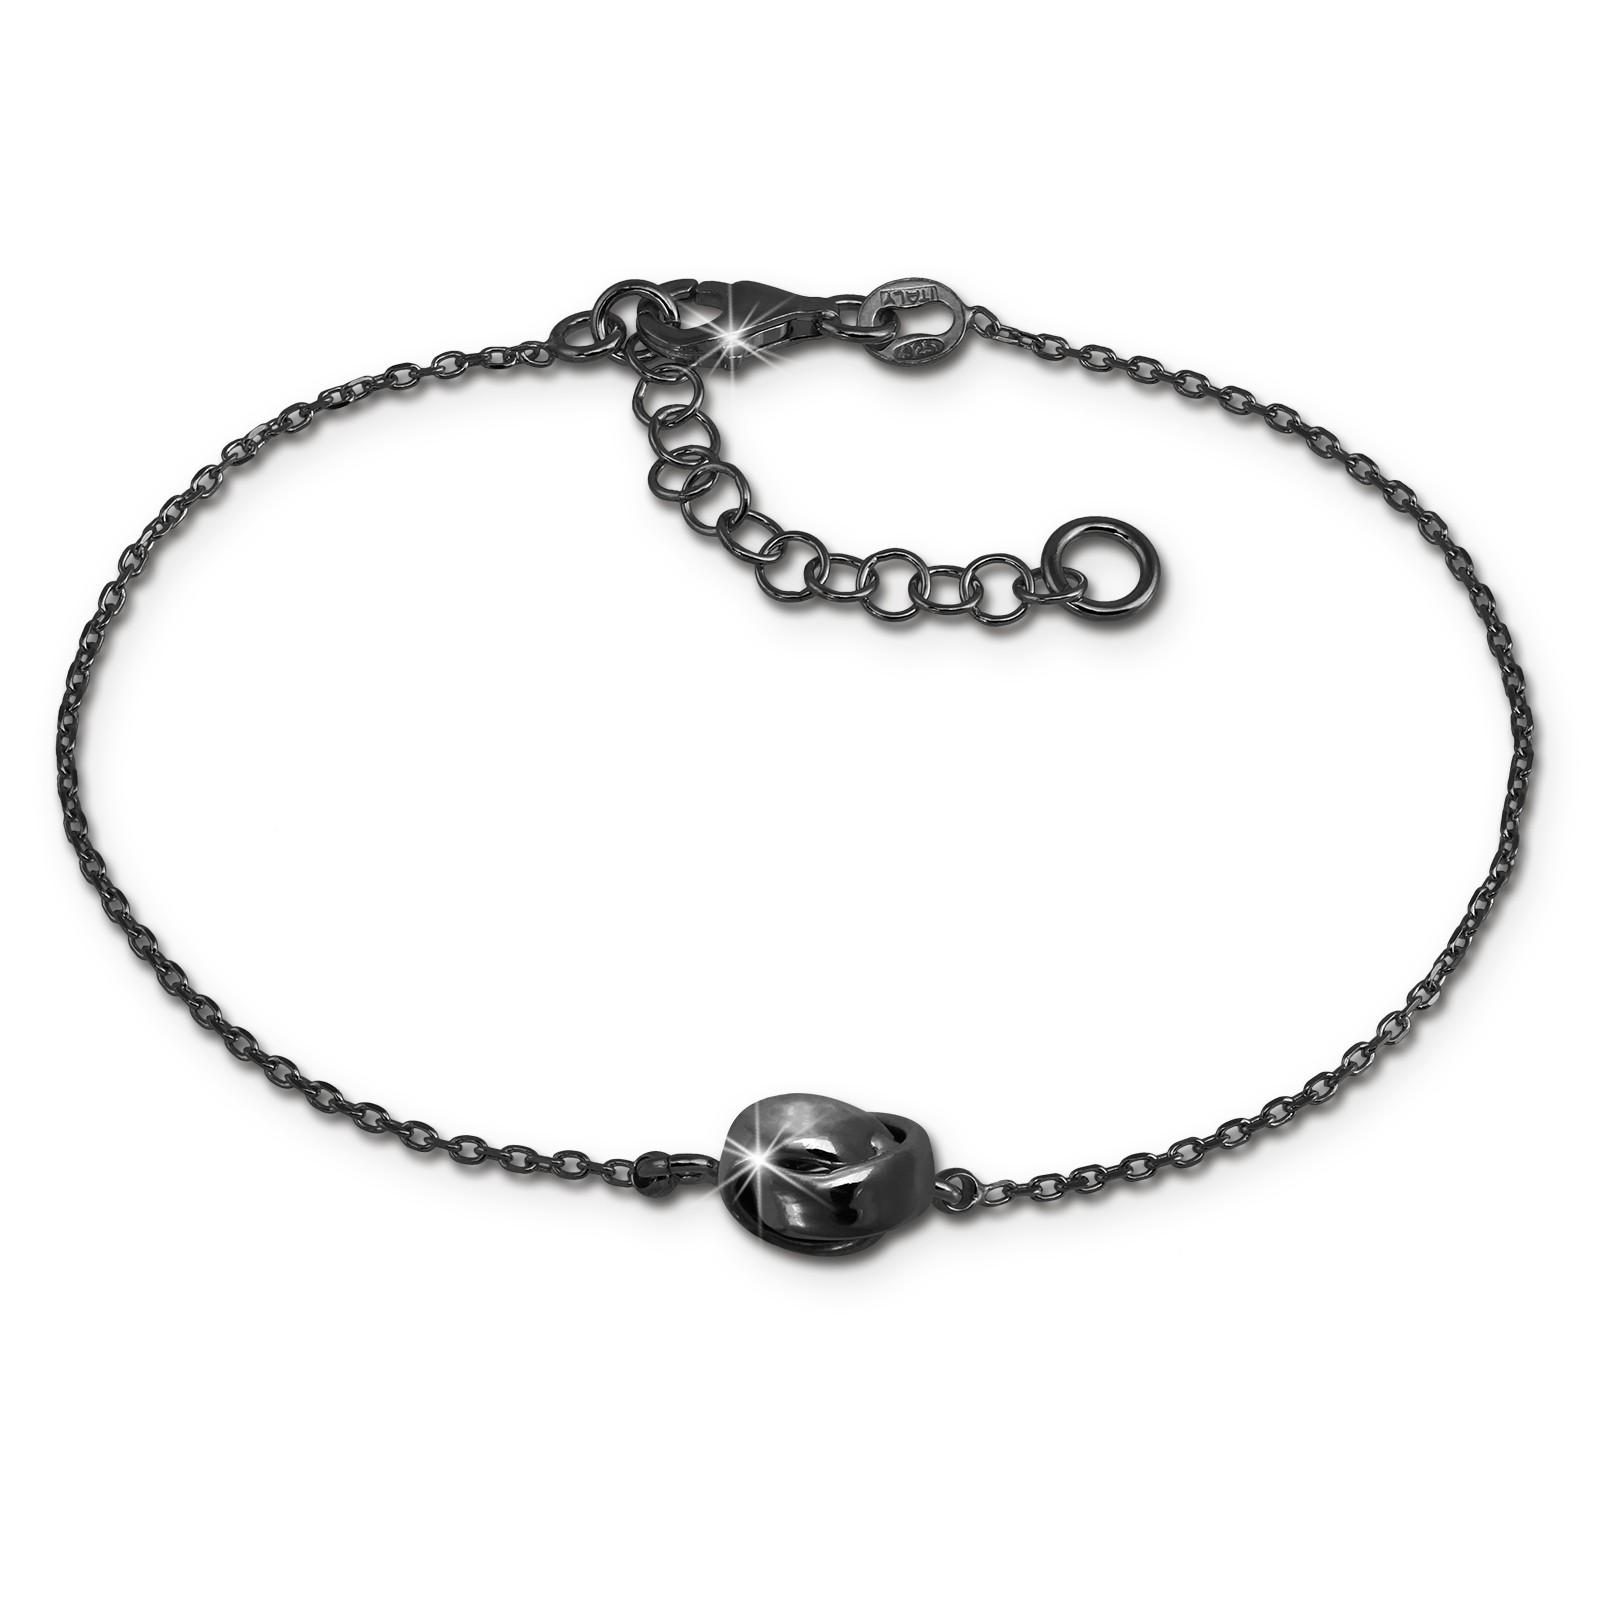 SilberDream Armband verschlungen 925 Silber geschwärzt Damen 18-21cm SDA1138S